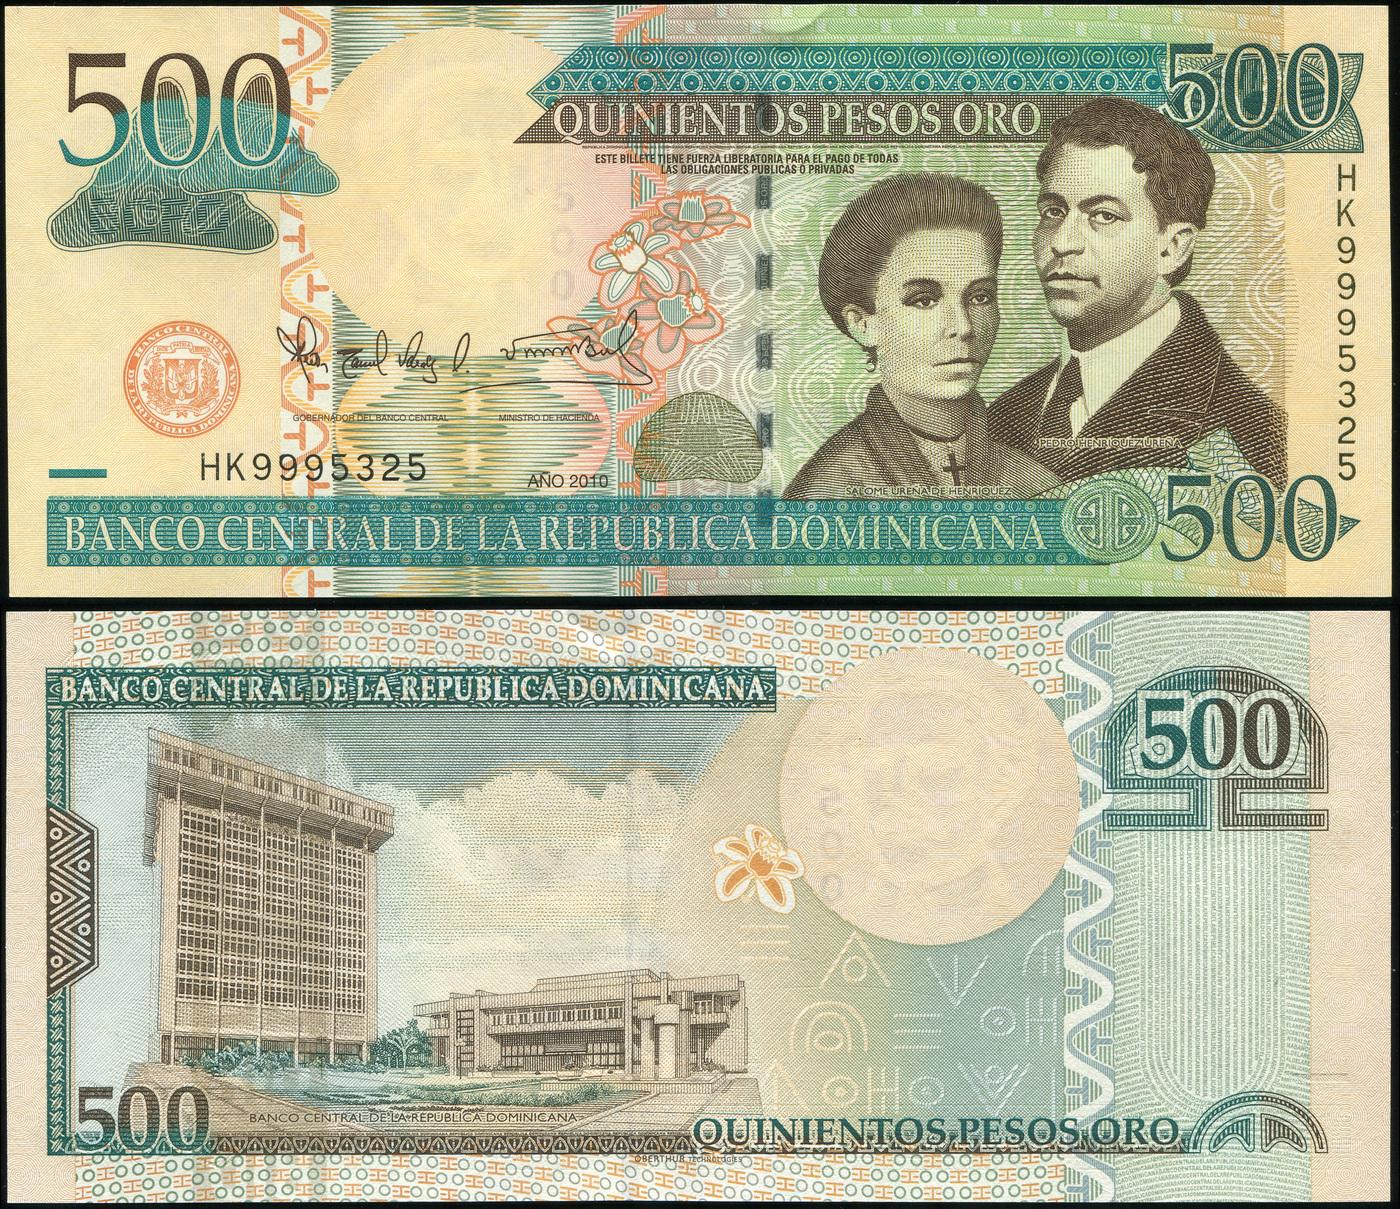 Банкнота. Доминиканская республика 500 песо оро. 2010 UNC. Кат.P.179c